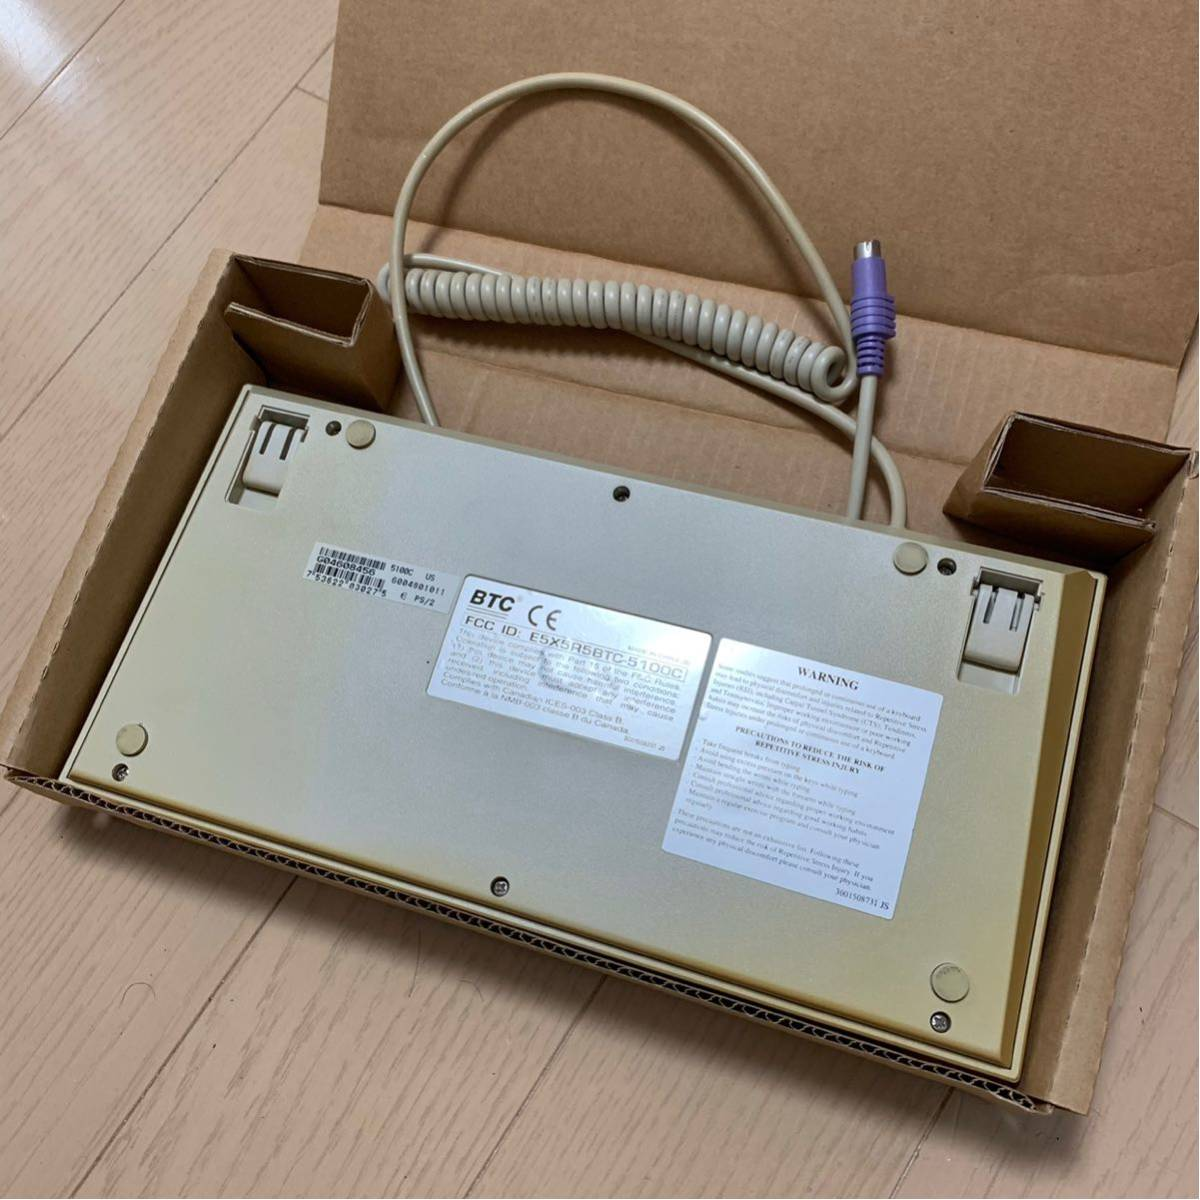 BTC-5100C happy hacking keyboardのようなこだわりの101レイアウトの英語キーボード 日焼けあり_画像3